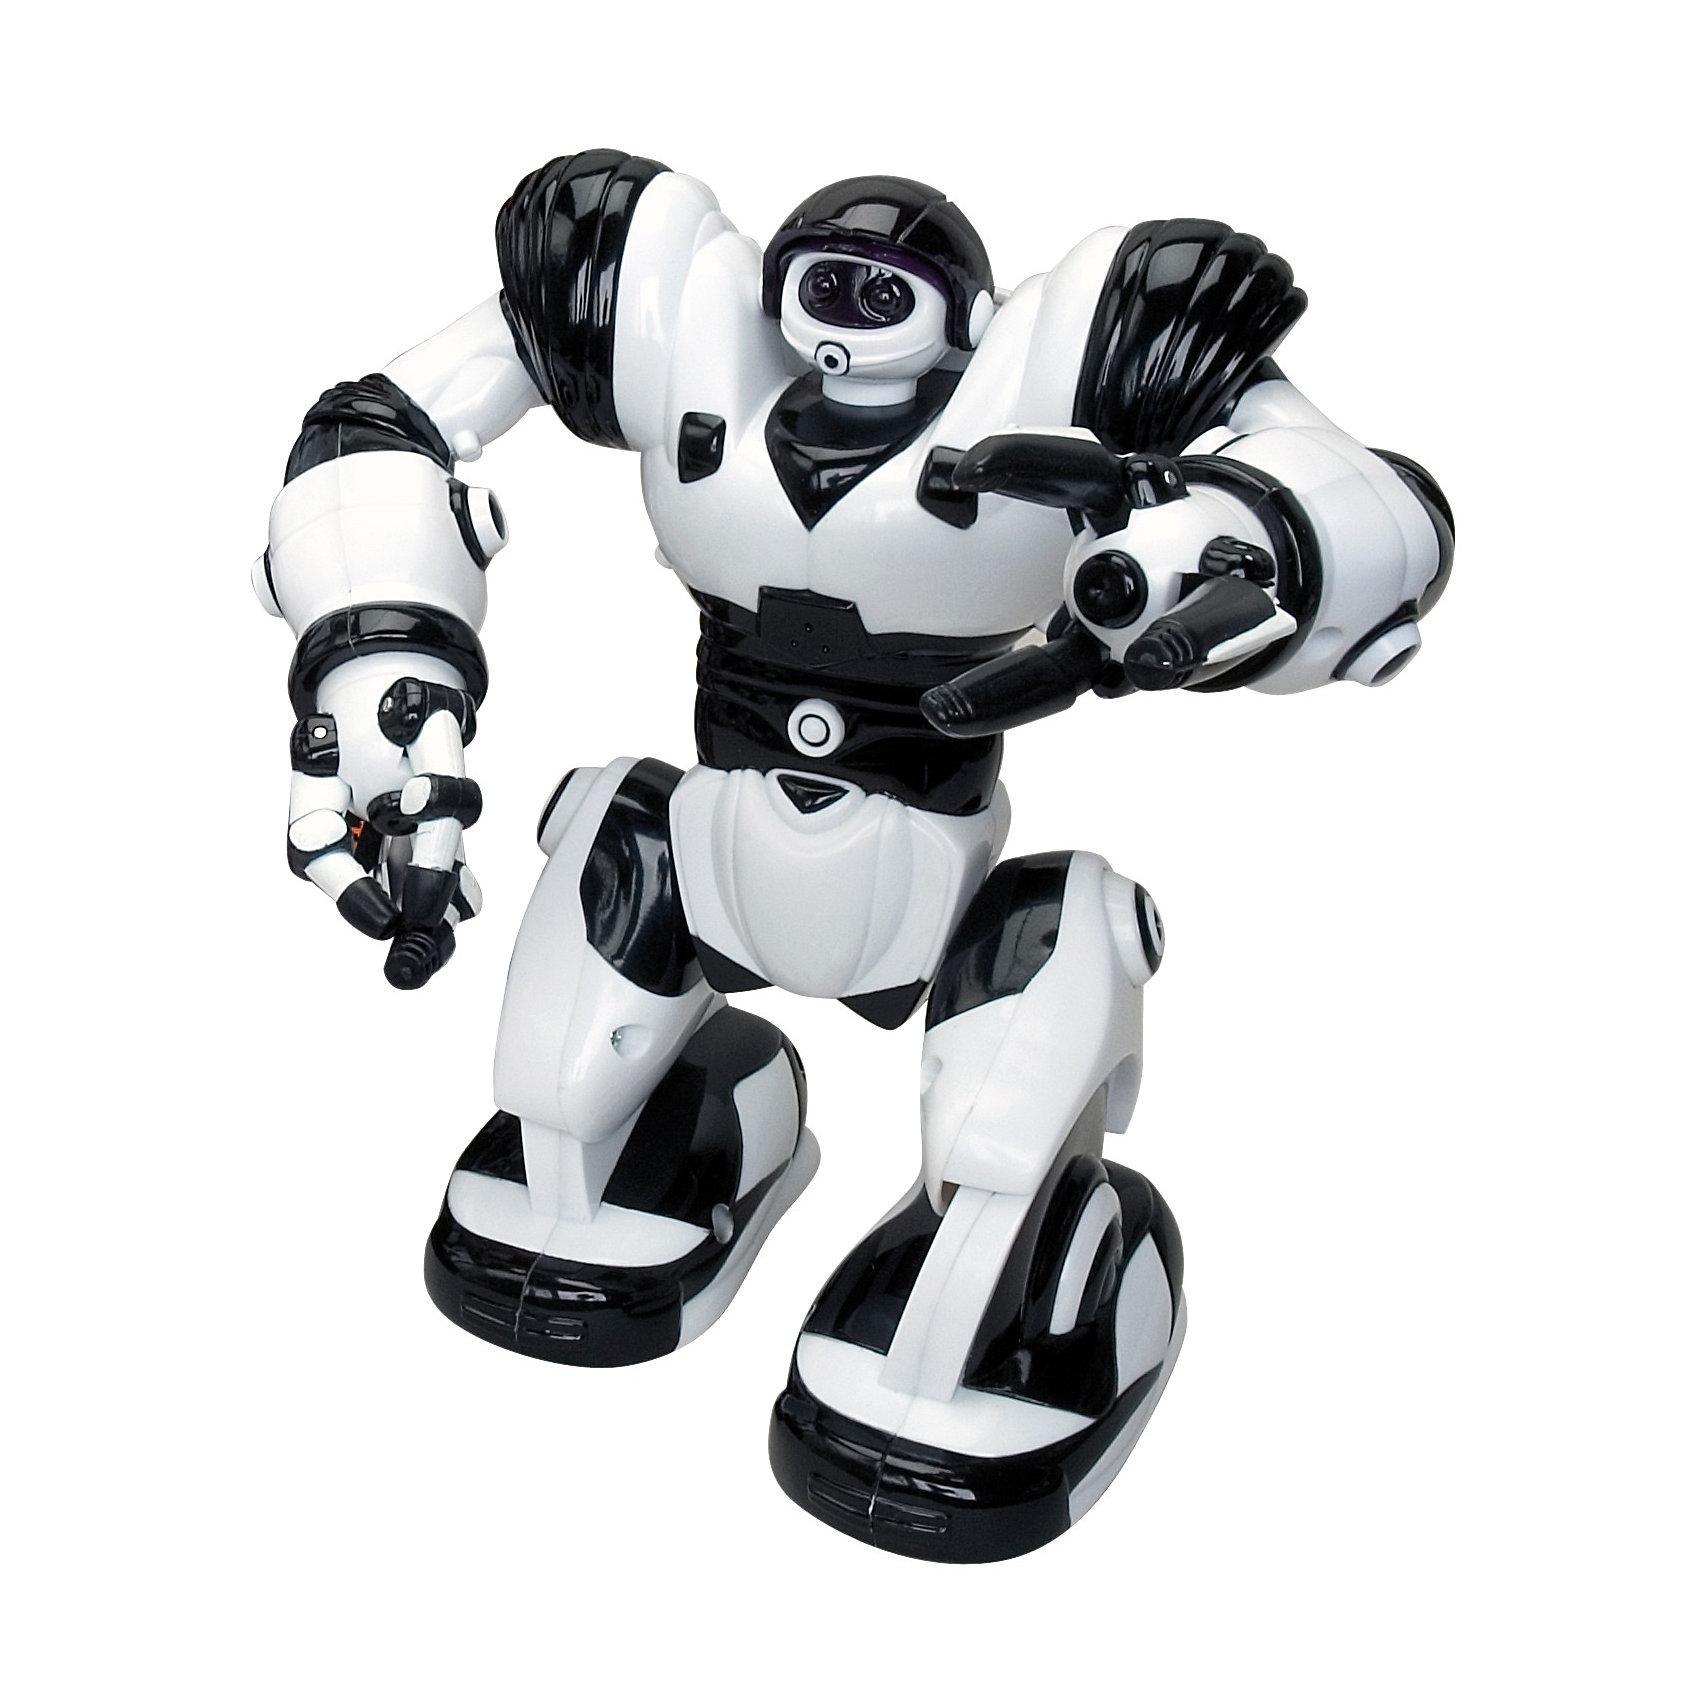 Мини Робот 8085,  WowWeeРоботы<br>Этот мини-робот от WowWee очень прост в управлении, так что с ним справится даже маленький ребенок. При включении глаза робота загораются, а сам он начинает весело и бодро шагать вперед. Руки, пальцы  и голова робота подвижны.<br><br>Дополнительная информация:<br><br>- Материал: пластик, металл.<br>- Высота: 18 см.<br>- Может ходить.<br>- Голова, руки, пальцы подвижные. <br>- Элемент питания: для робота - 2 батарейки ААА (не входят в комплект).<br>- Звуковые эффекты, световые эффекты.<br>- Комплектация: робот, инструкция.<br><br>Мини Робот 8085,  WowWee можно купить в нашем магазине.<br><br>Ширина мм: 215<br>Глубина мм: 179<br>Высота мм: 106<br>Вес г: 404<br>Возраст от месяцев: 48<br>Возраст до месяцев: 96<br>Пол: Мужской<br>Возраст: Детский<br>SKU: 1525809